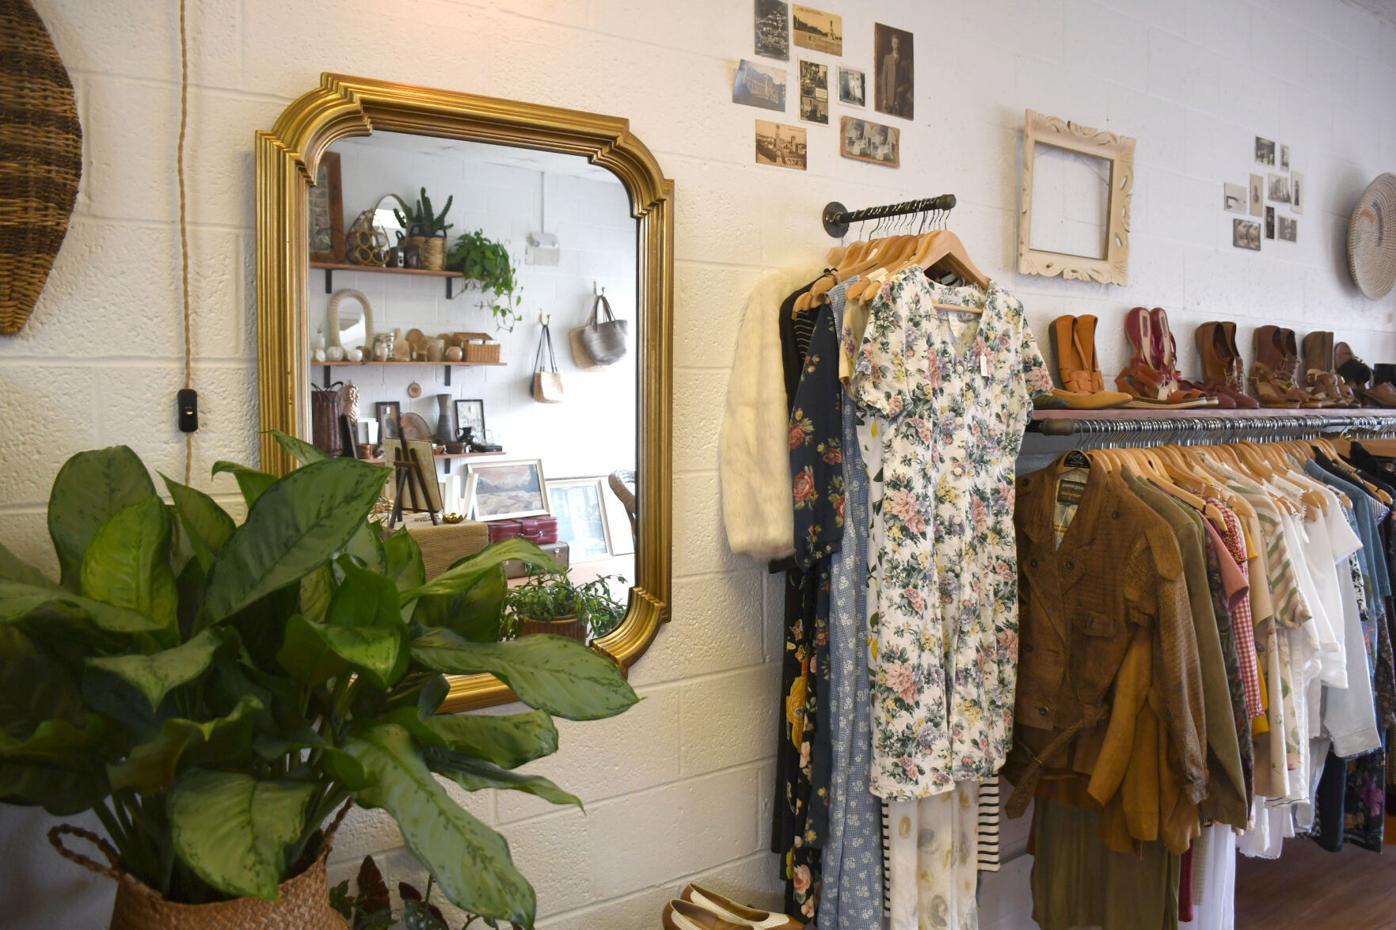 Un miroir reflète les articles dans le magasin alors que les vêtements et les chaussures sont affichés à droite